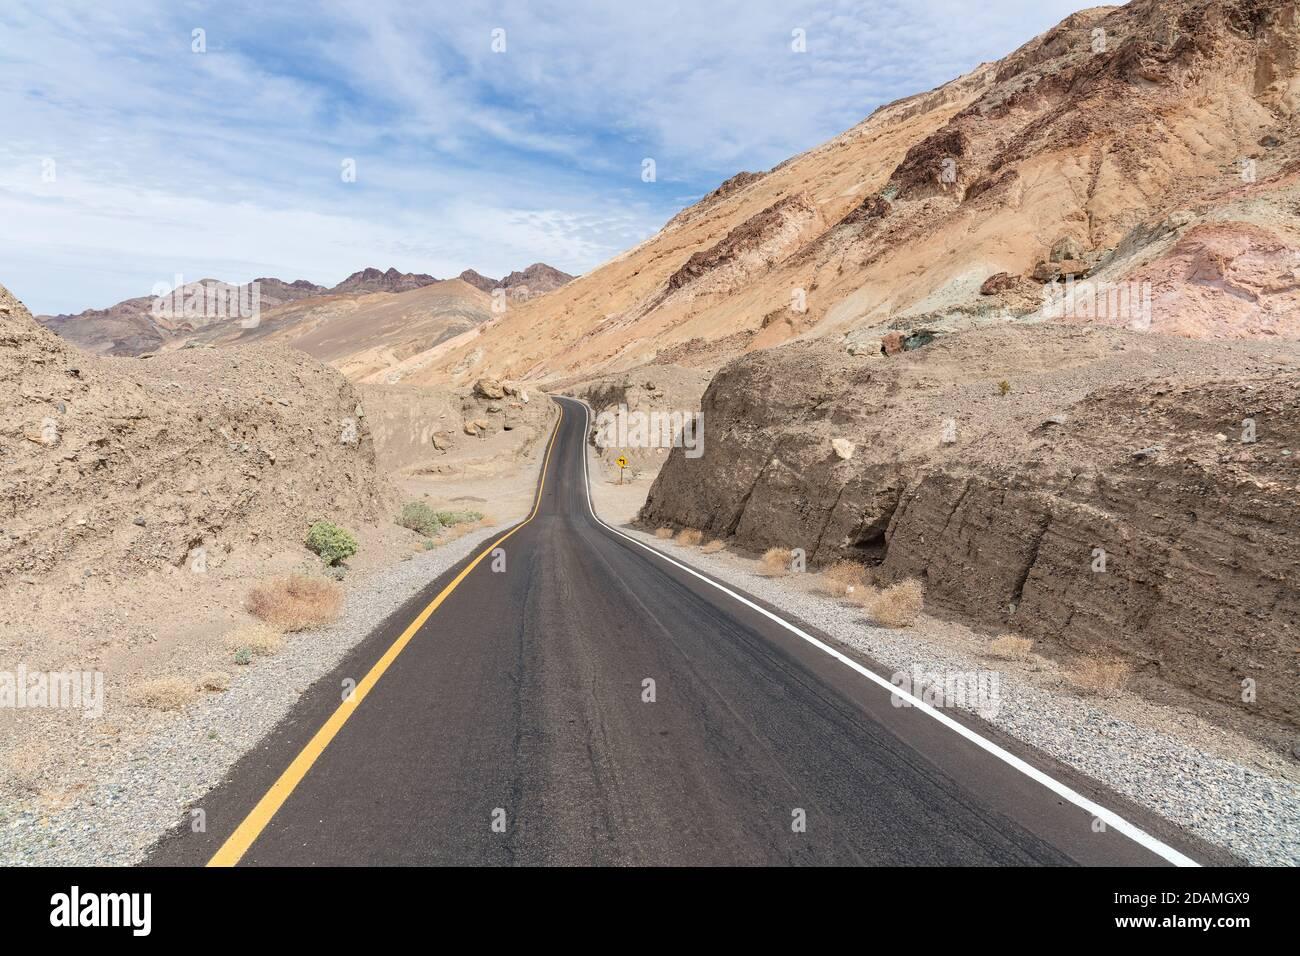 Longue route à travers le désert dans le parc national de la Vallée de la mort, Californie, États-Unis. Banque D'Images